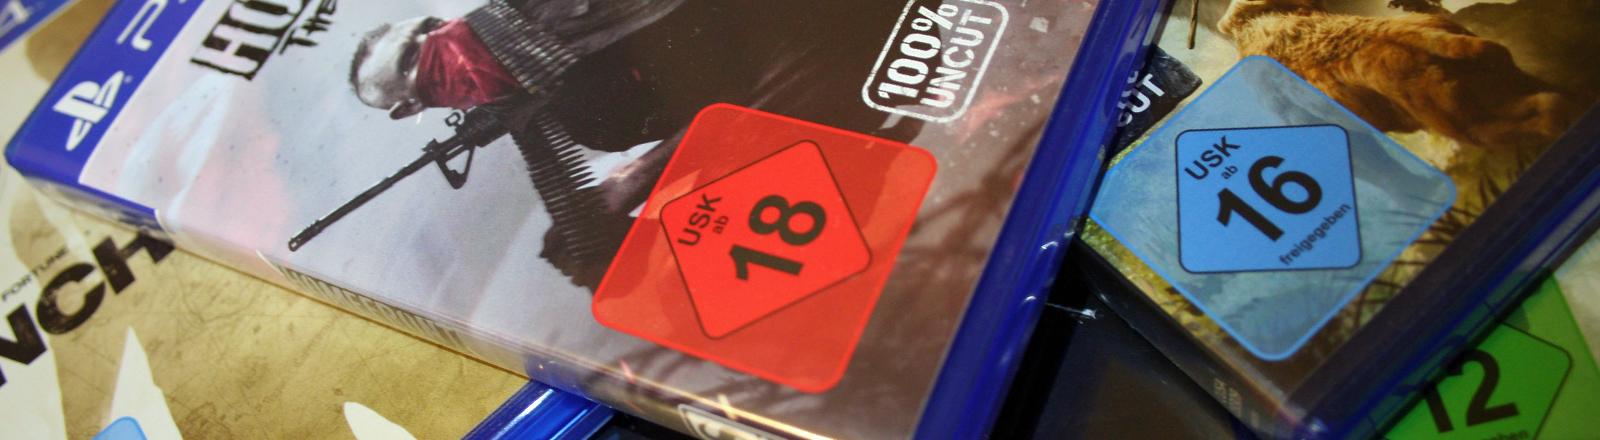 Ein Computerspiel mit einem USK-Logo auf dem Cover.